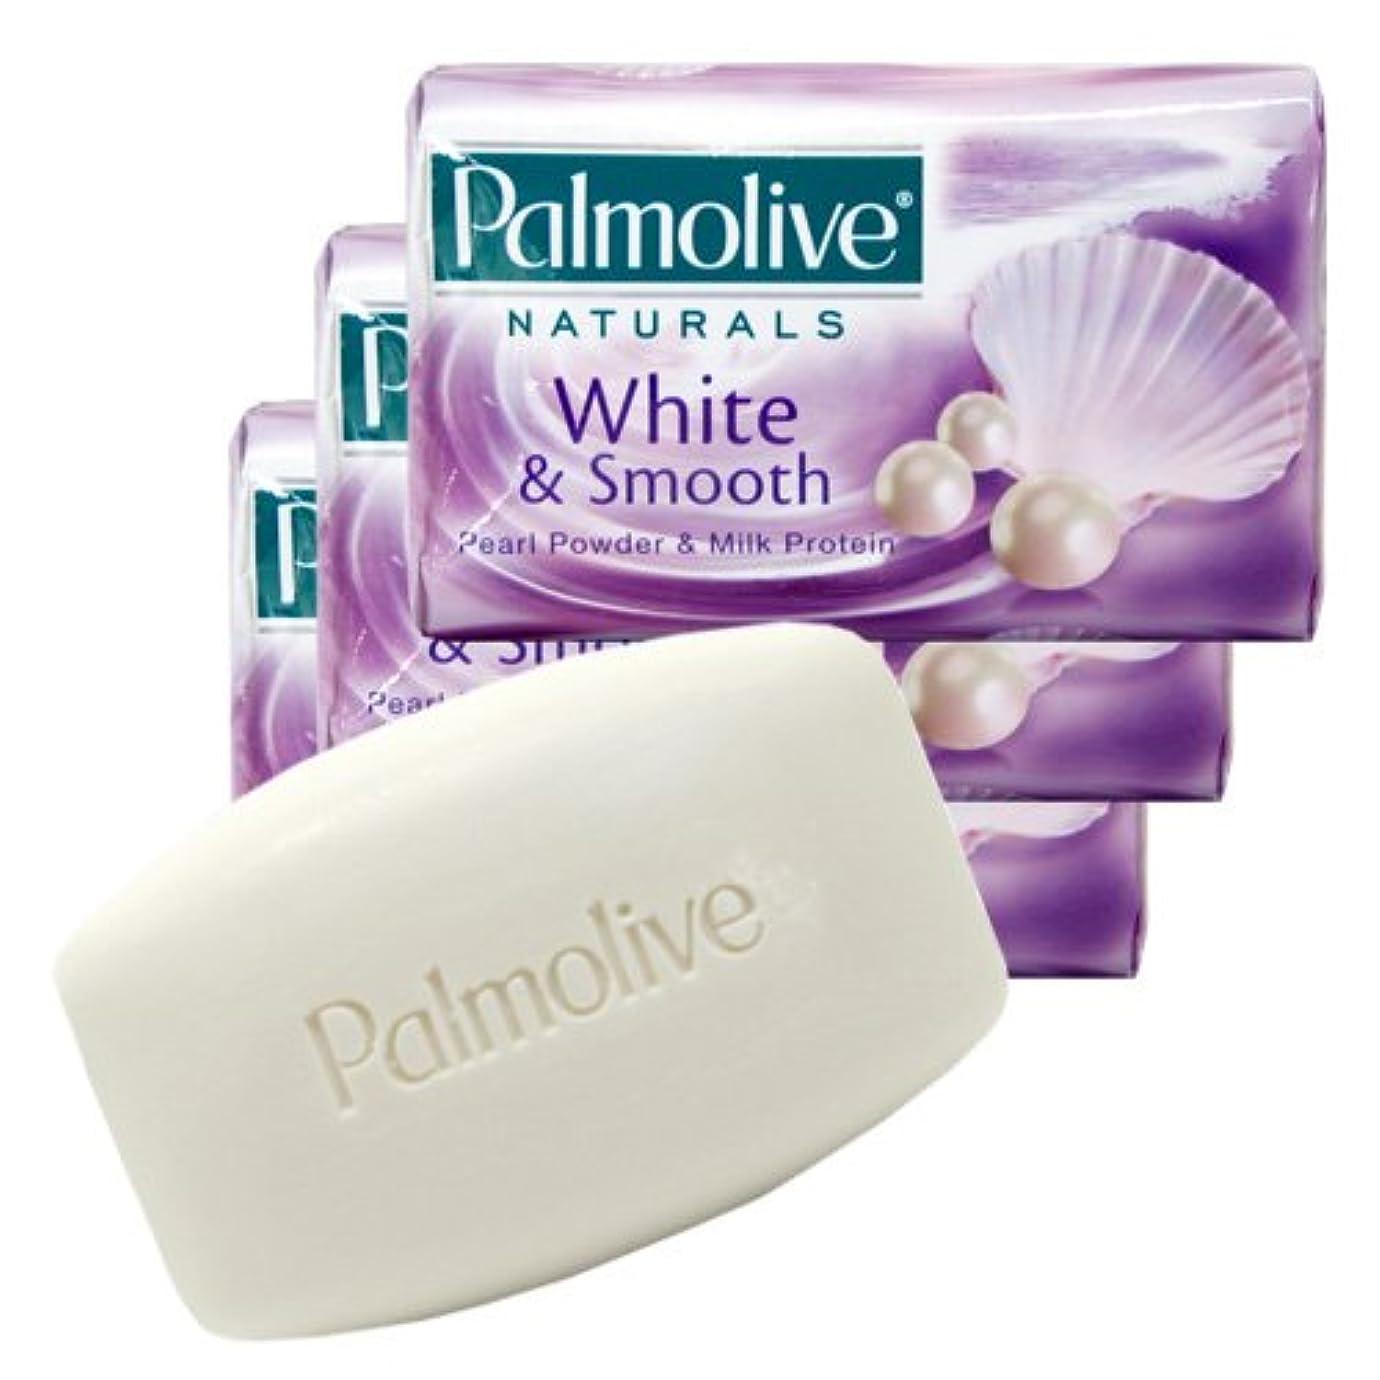 ブラスト粗いラッドヤードキップリング【Palmolive】パルモリーブ ナチュラルズ石鹸3個パック ホワイト&スムース(パールパウダー&ミルクプロテイン)80g×3